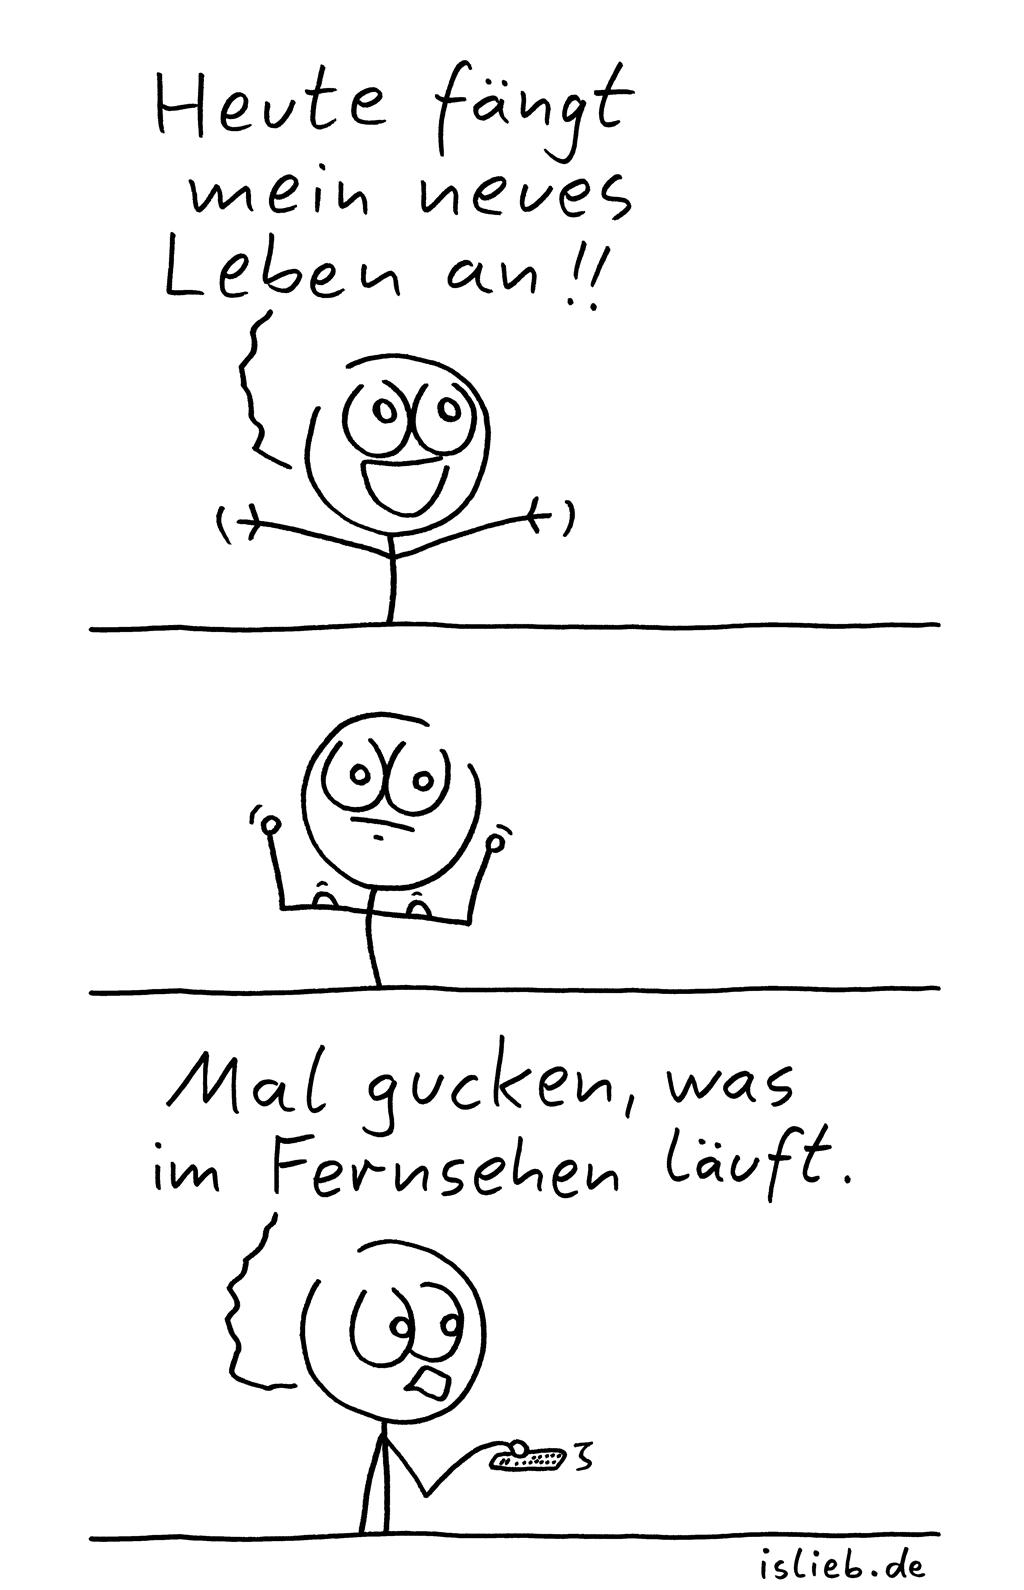 Neues Leben | Strichmännchen-Comic | is lieb? | Heute fängt mein neues Leben an! Mal gucken, was im Fernsehen läuft.